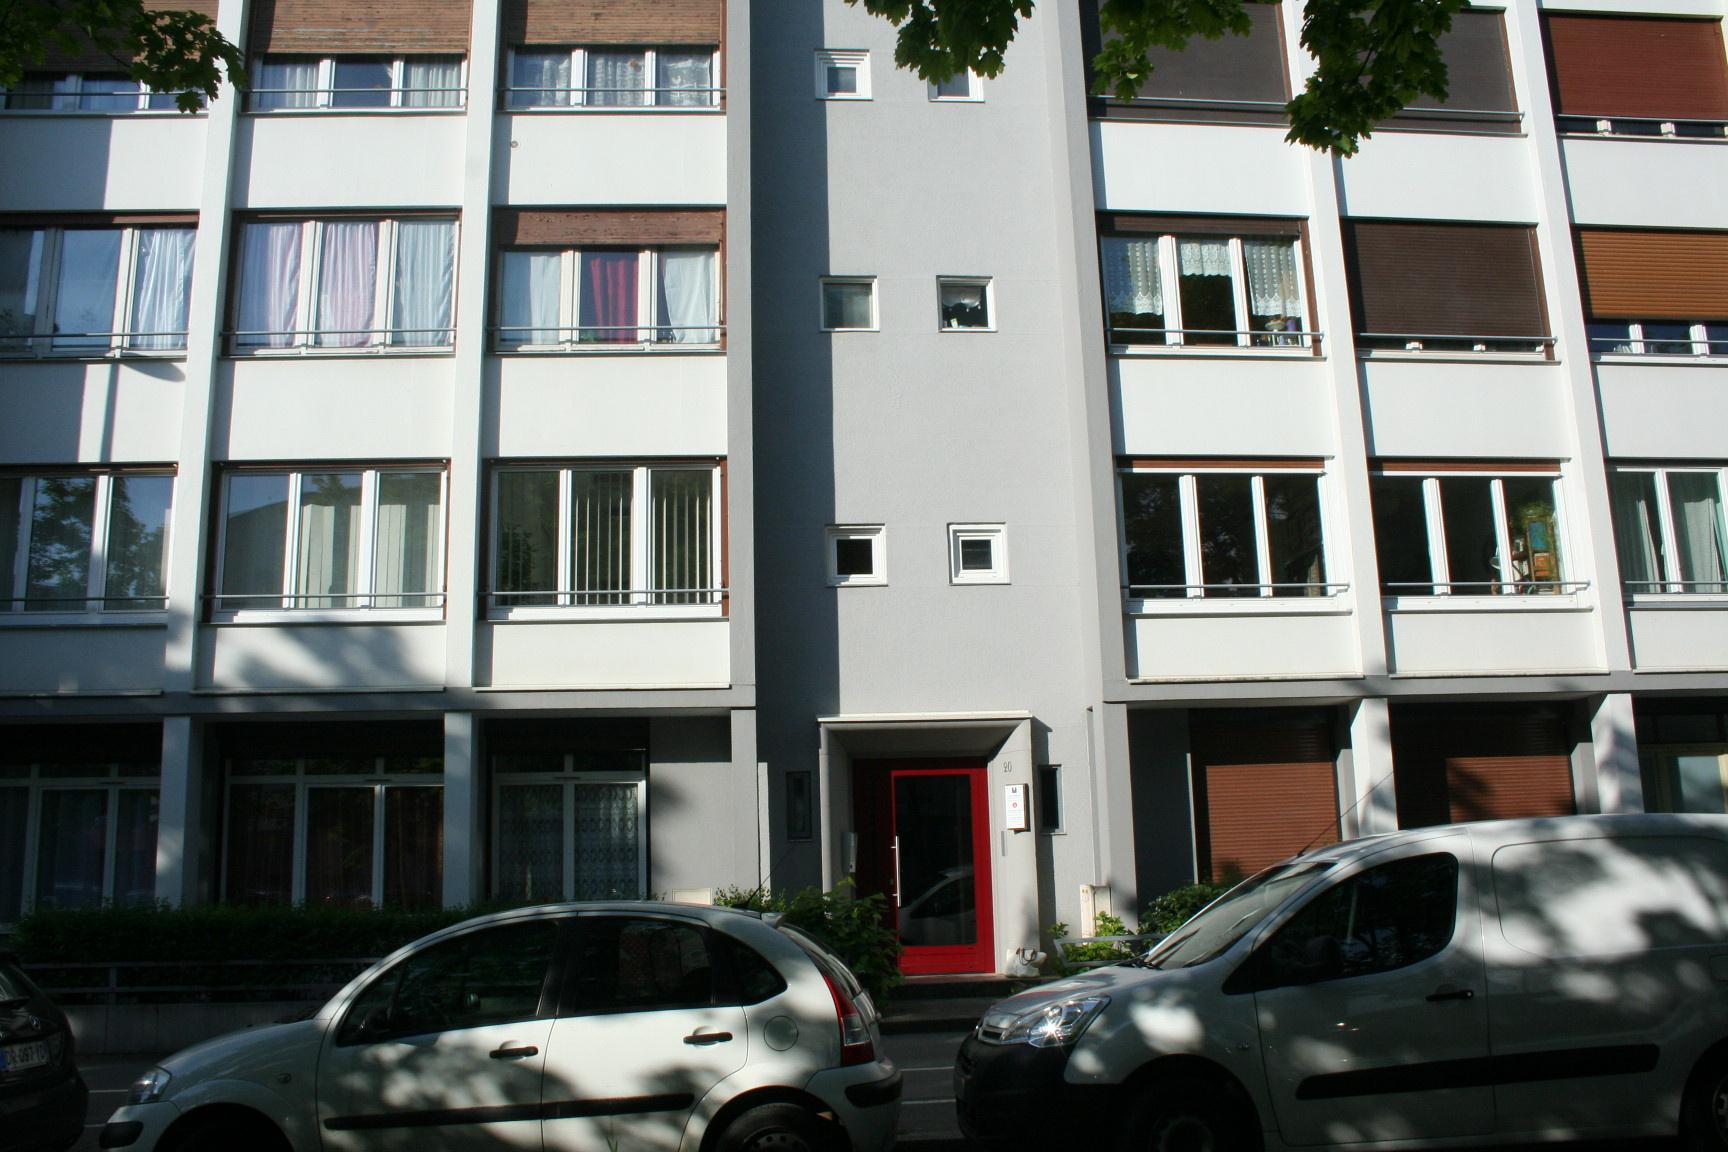 Vente appartement dijon AUDITORIUM - PARC DES EXPO - CONSERVATOIRE - CENTRE CLEMECEAU